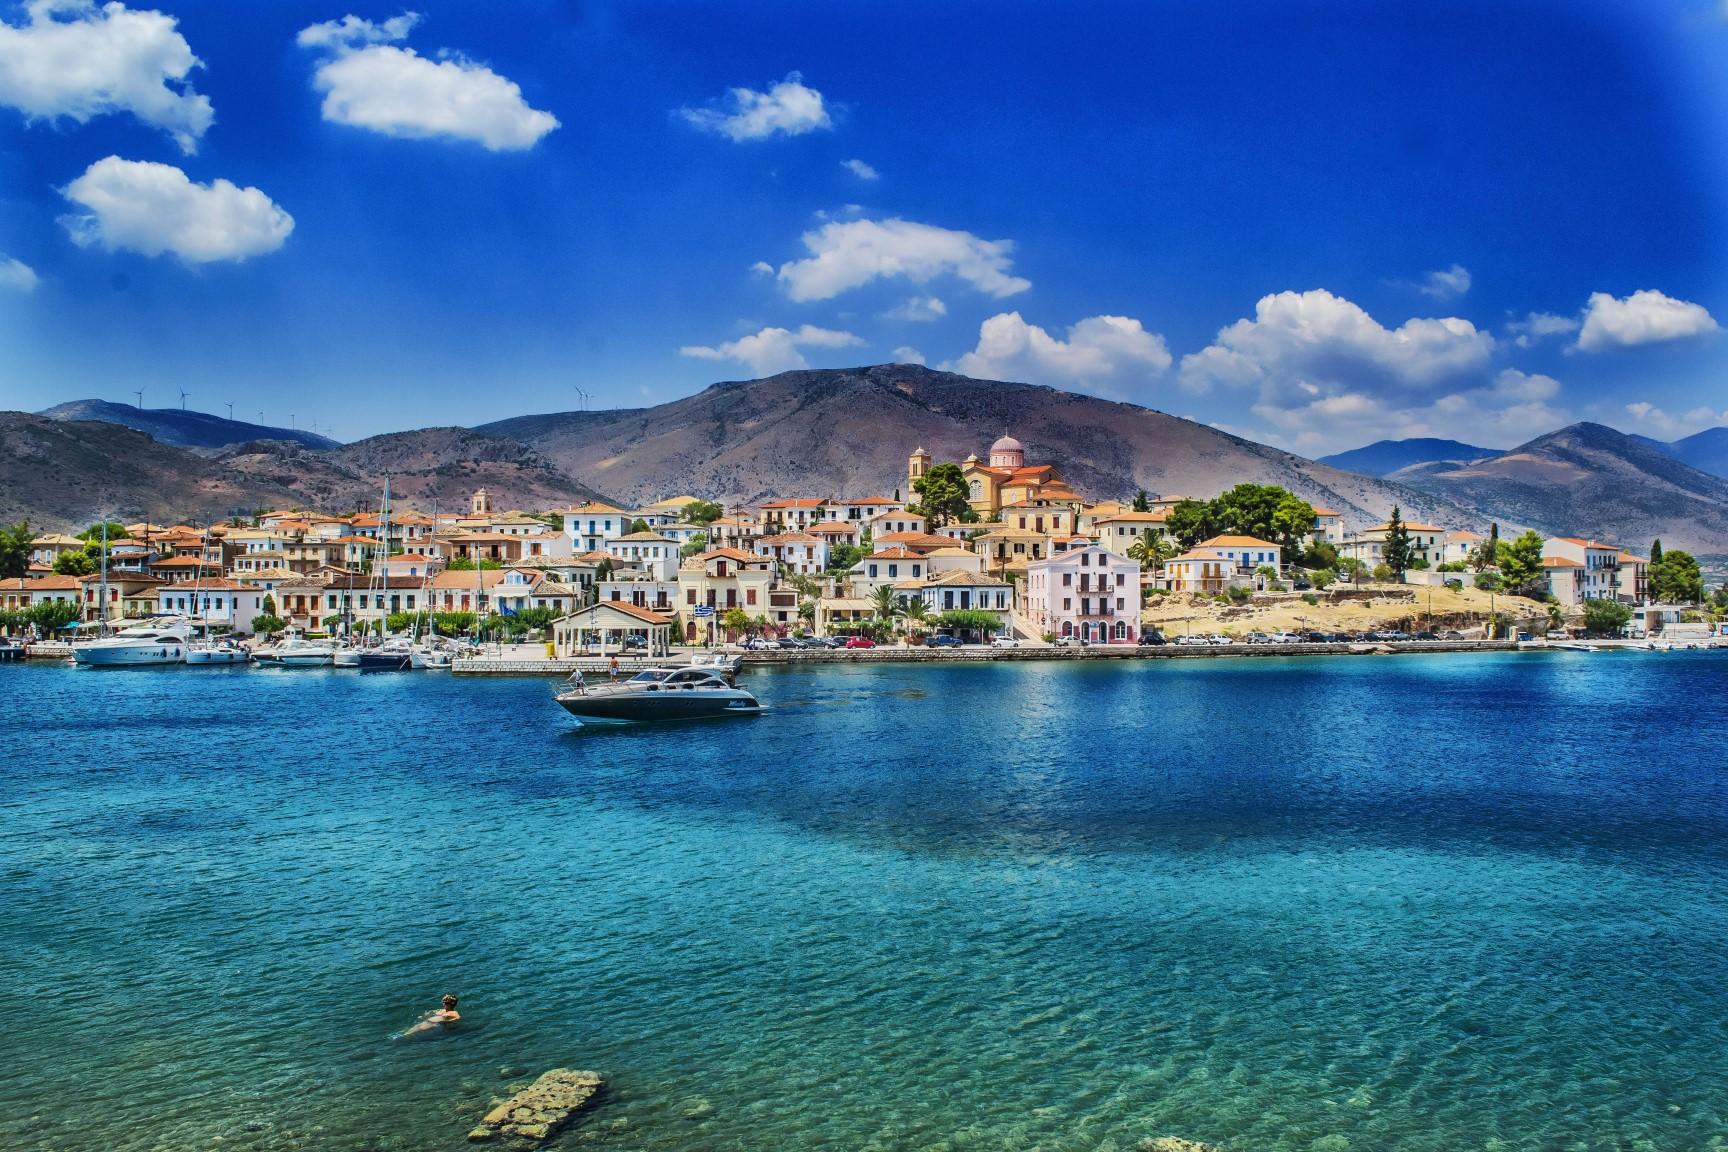 paysage typique de la côte espagnole